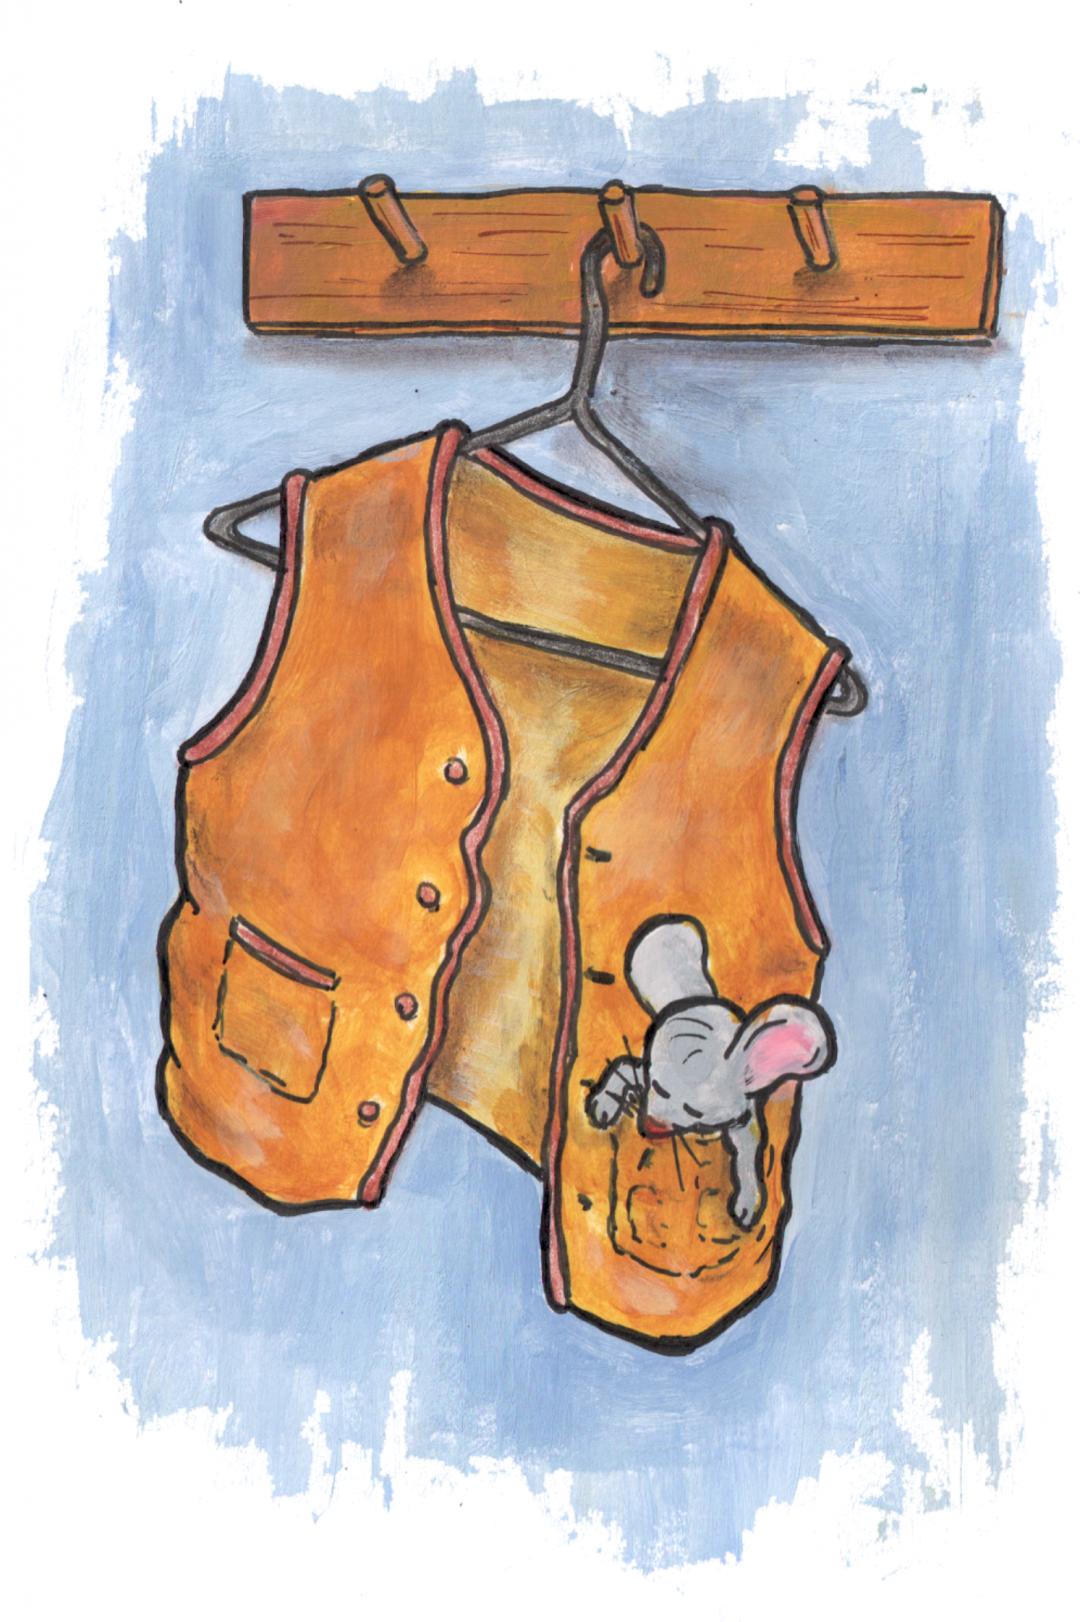 Murfy in vest pocket